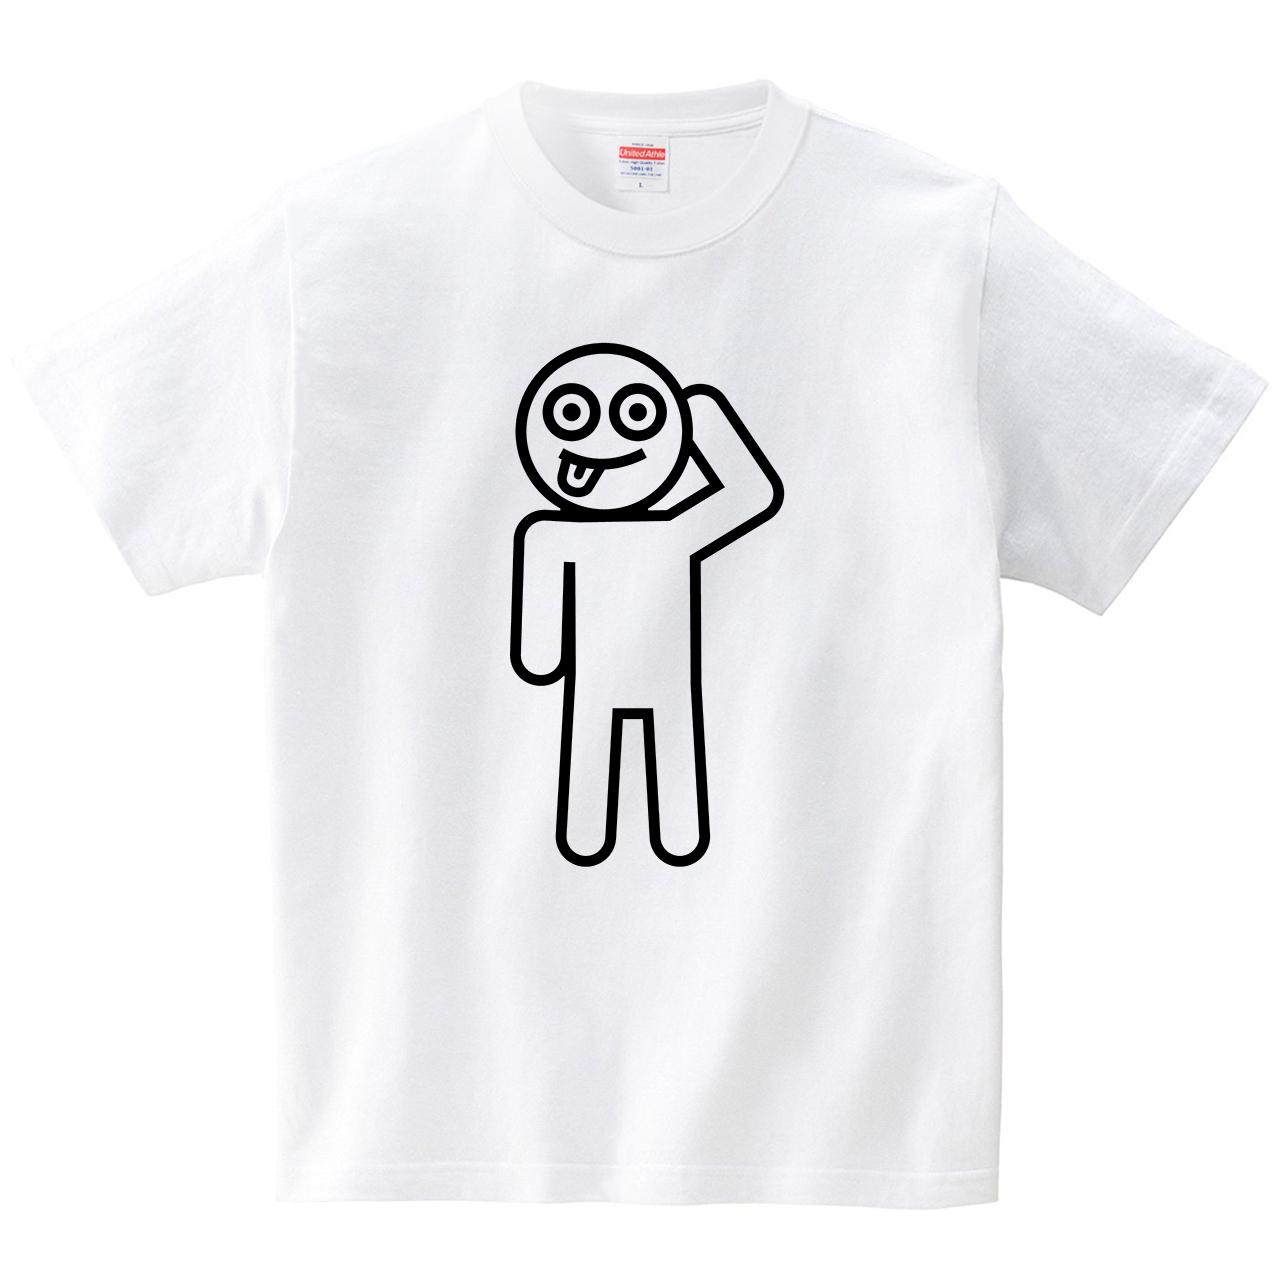 テヘェーサーセン(Tシャツ・ホワイト)(犬田猫三郎)